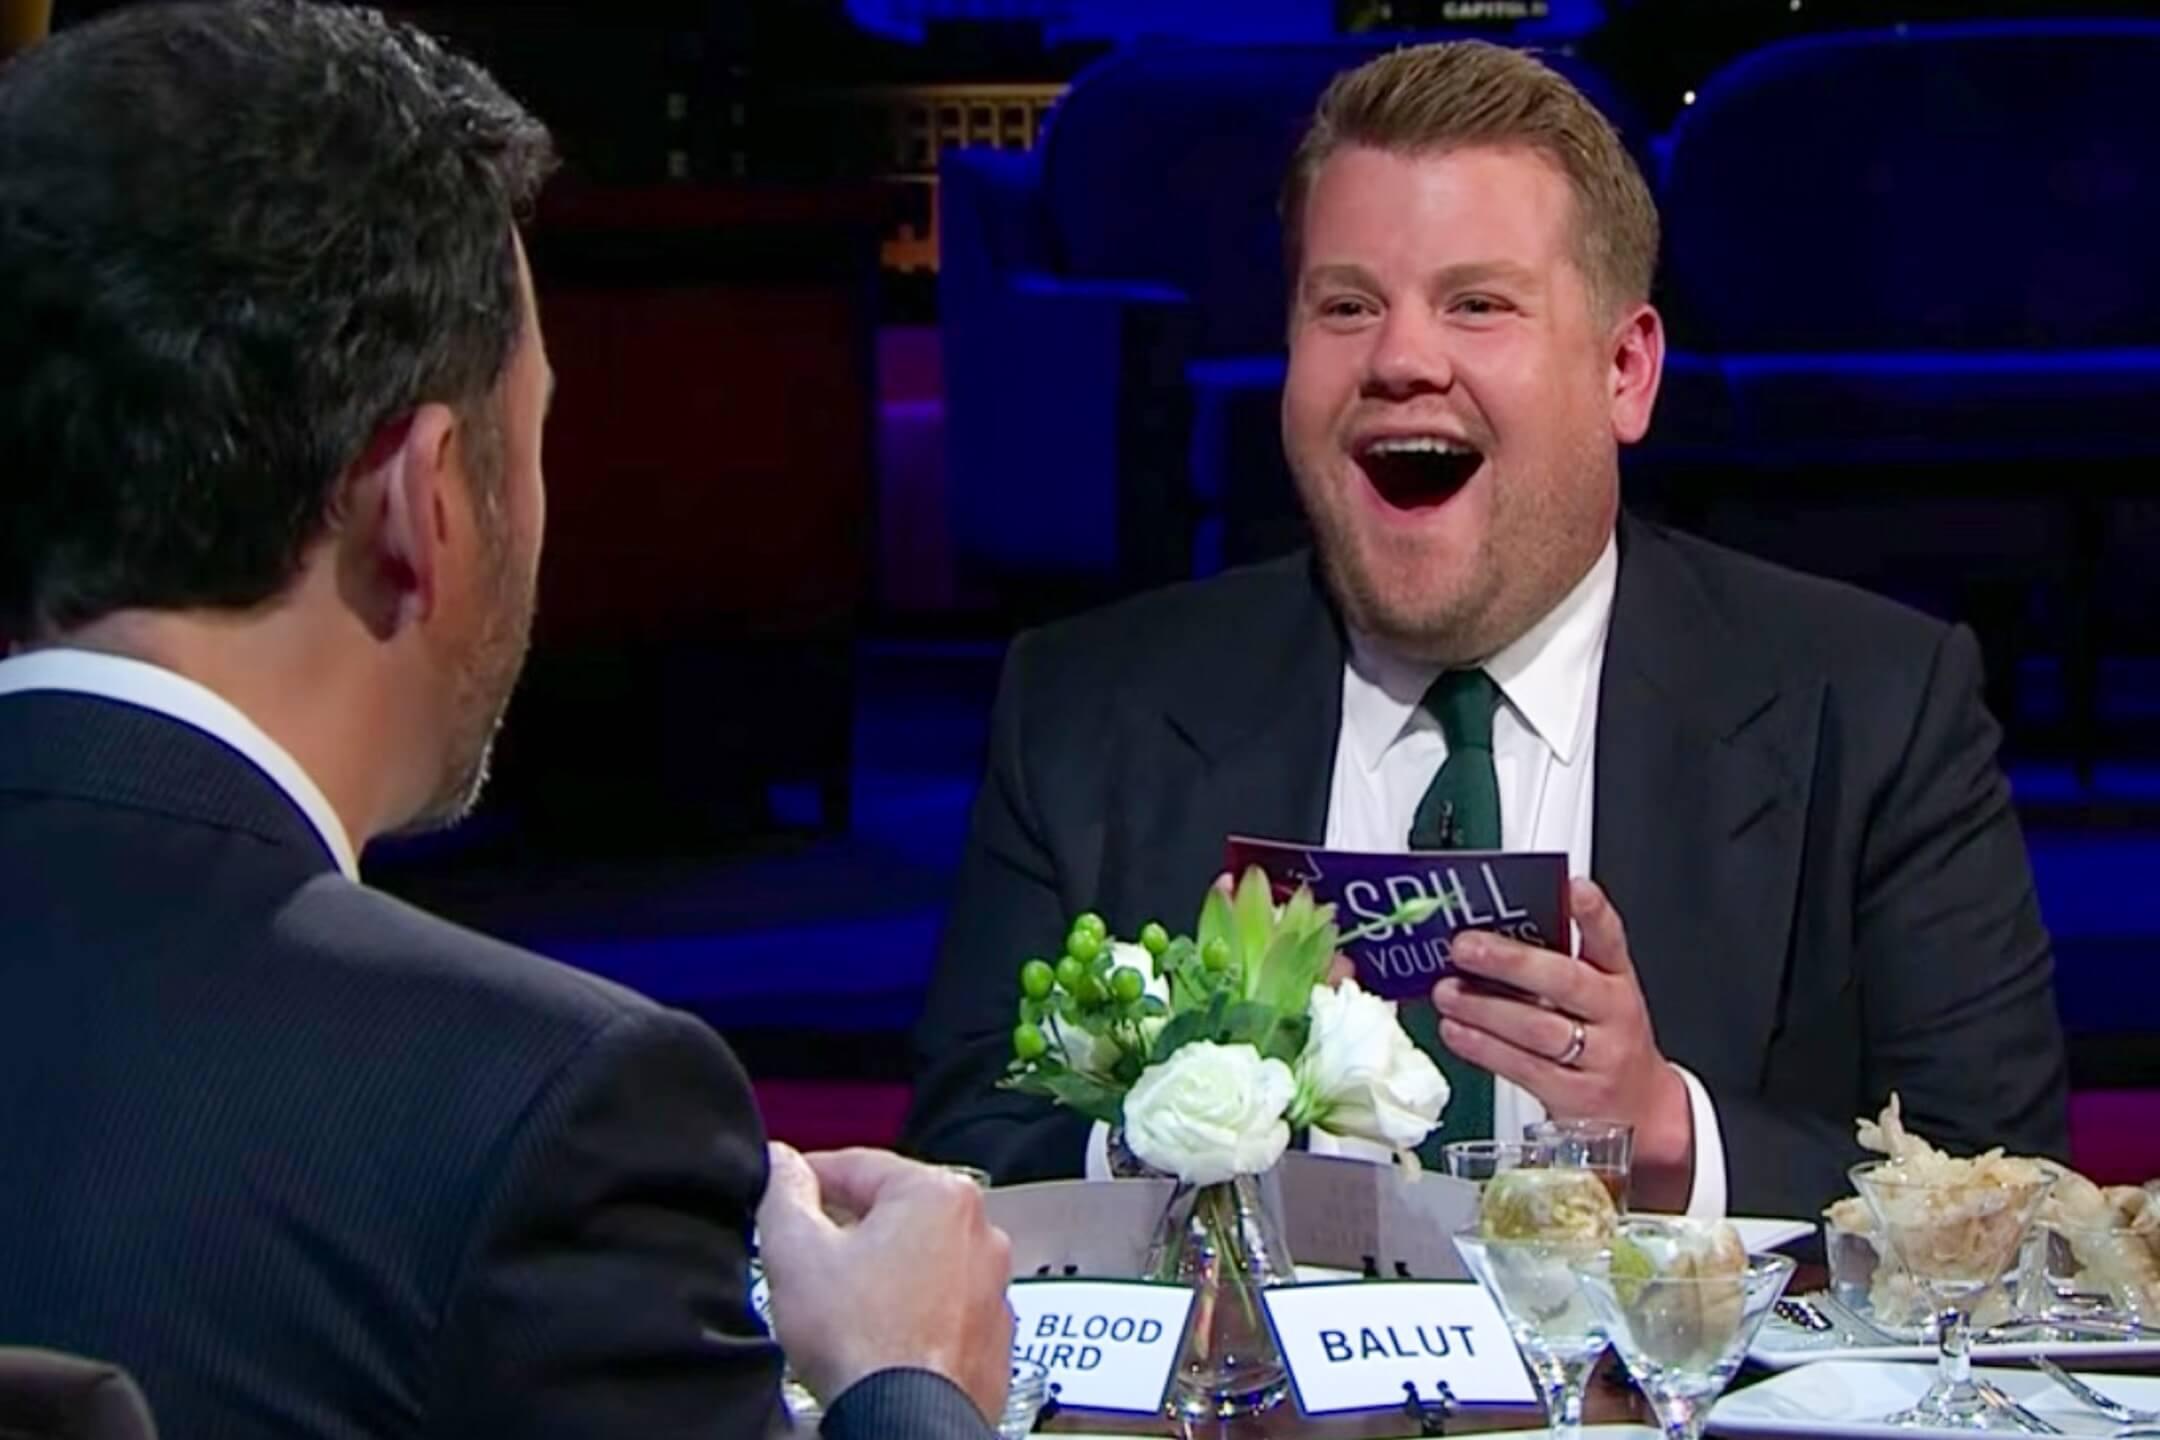 英國名嘴James Corden在節目《Late Late Show》上與嘉賓試食亞洲料理,引起種族歧視爭議。 網上圖片